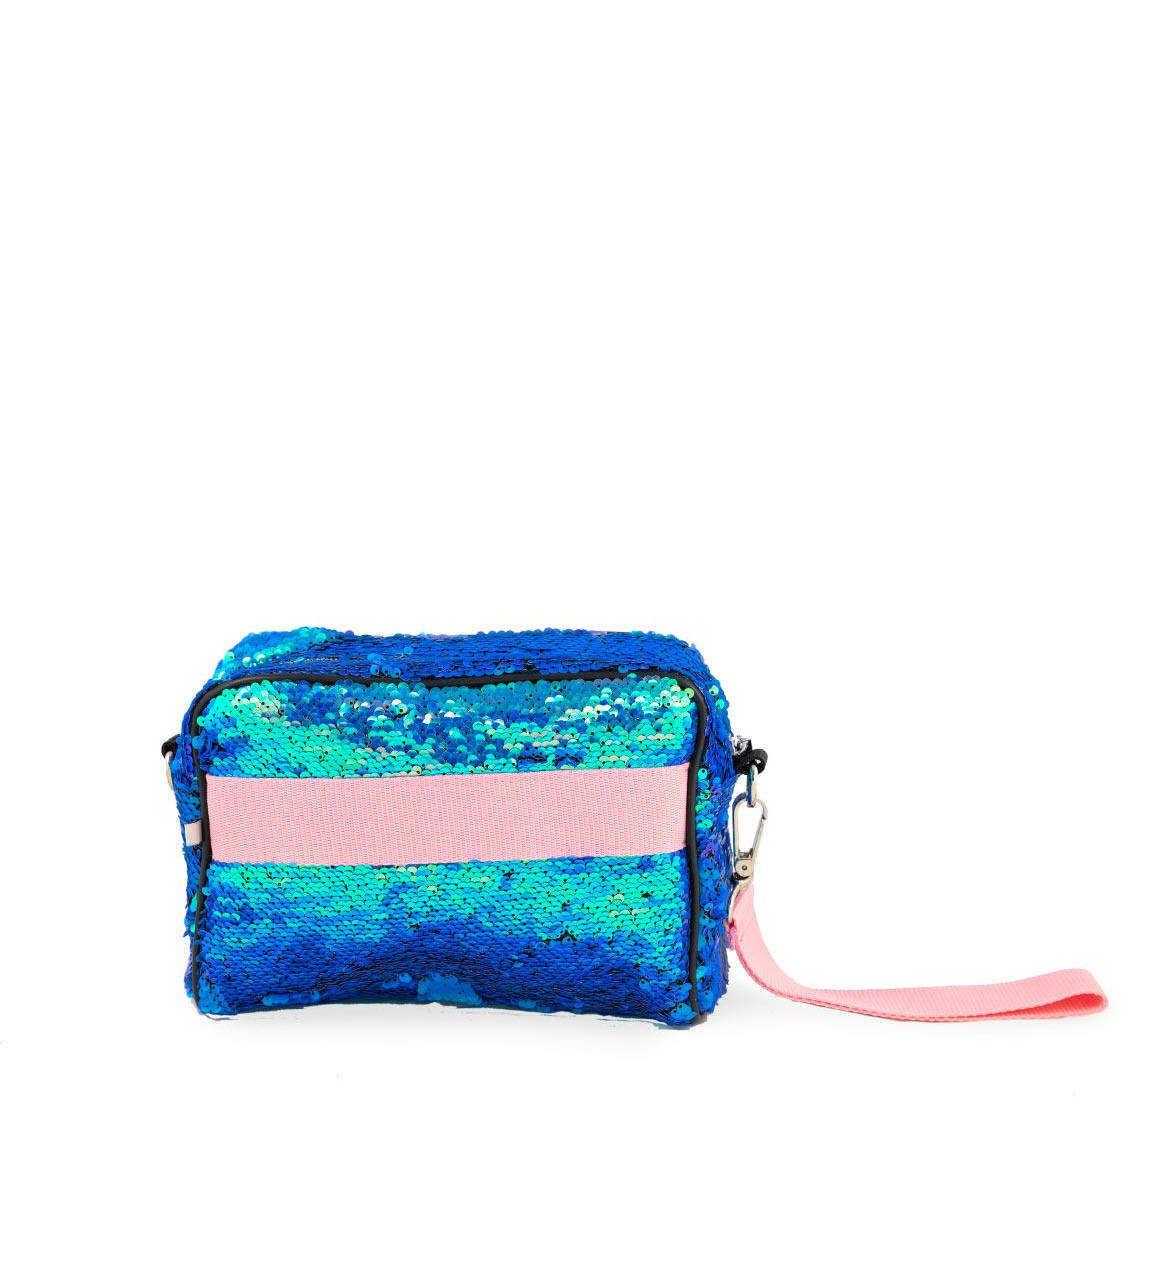 Beauty Bag Paillettes Azzurra Quitto Bags